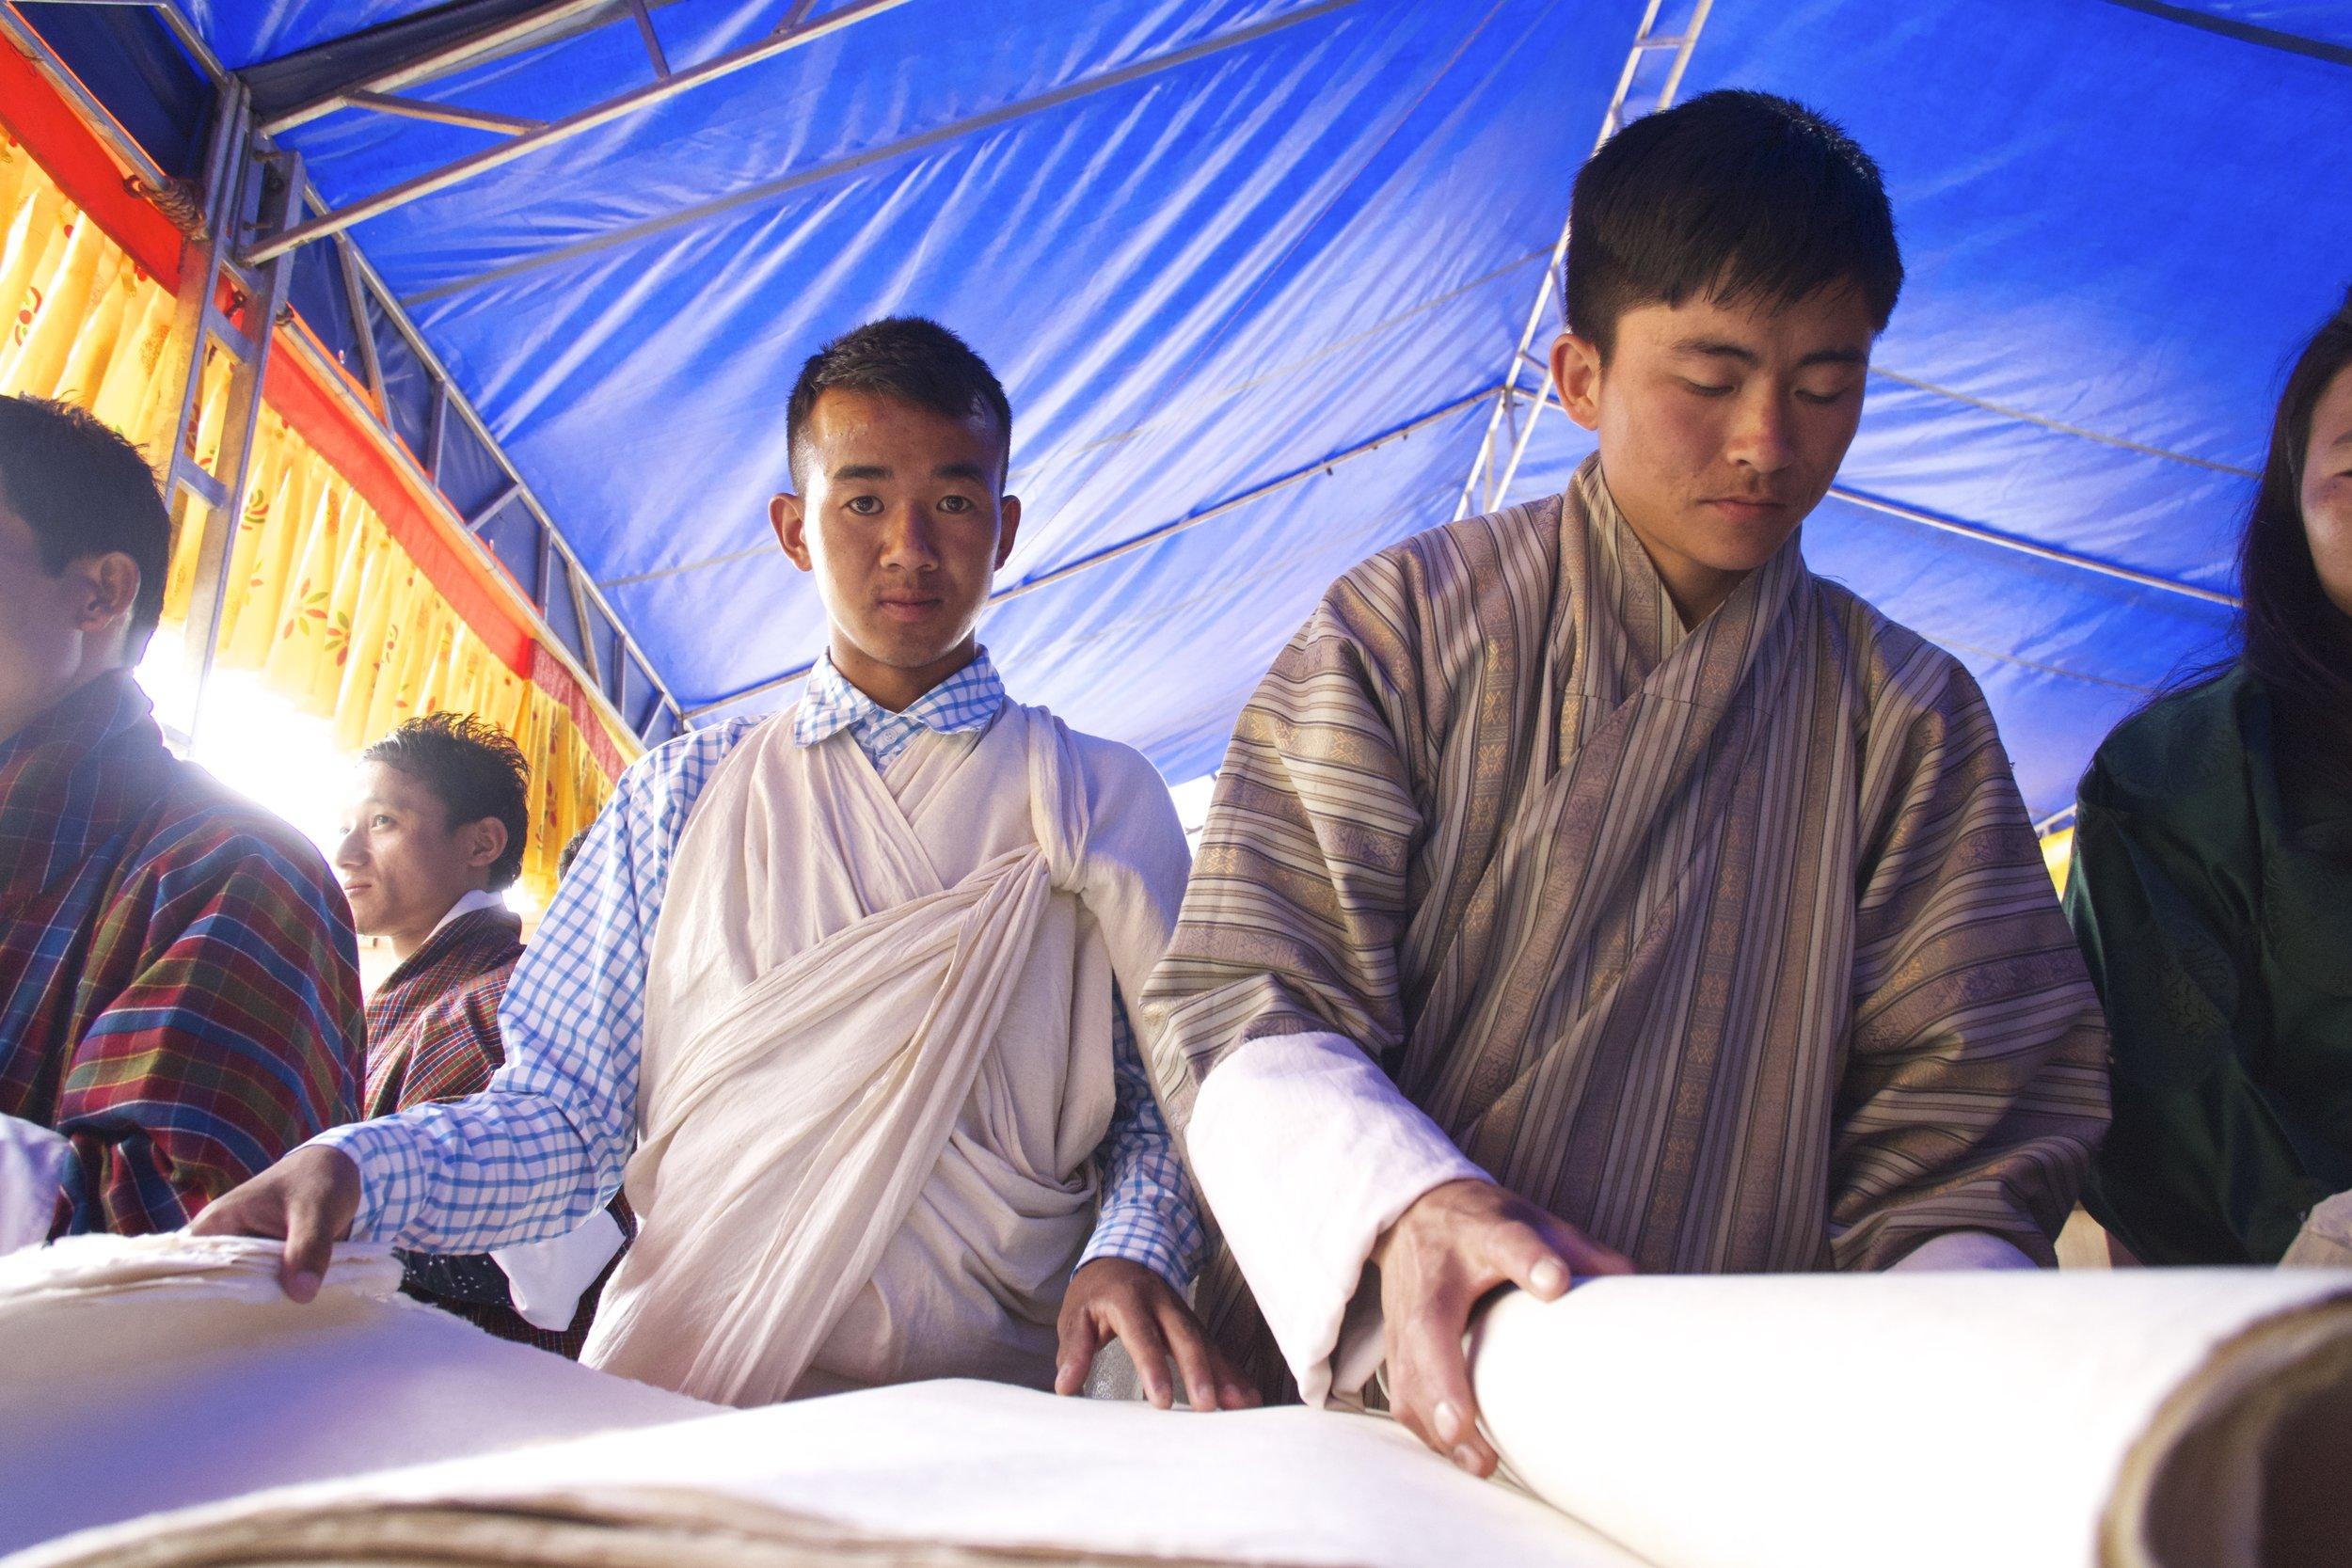 Namgay Tsering and Bepo from Samtse organizing traditional paper